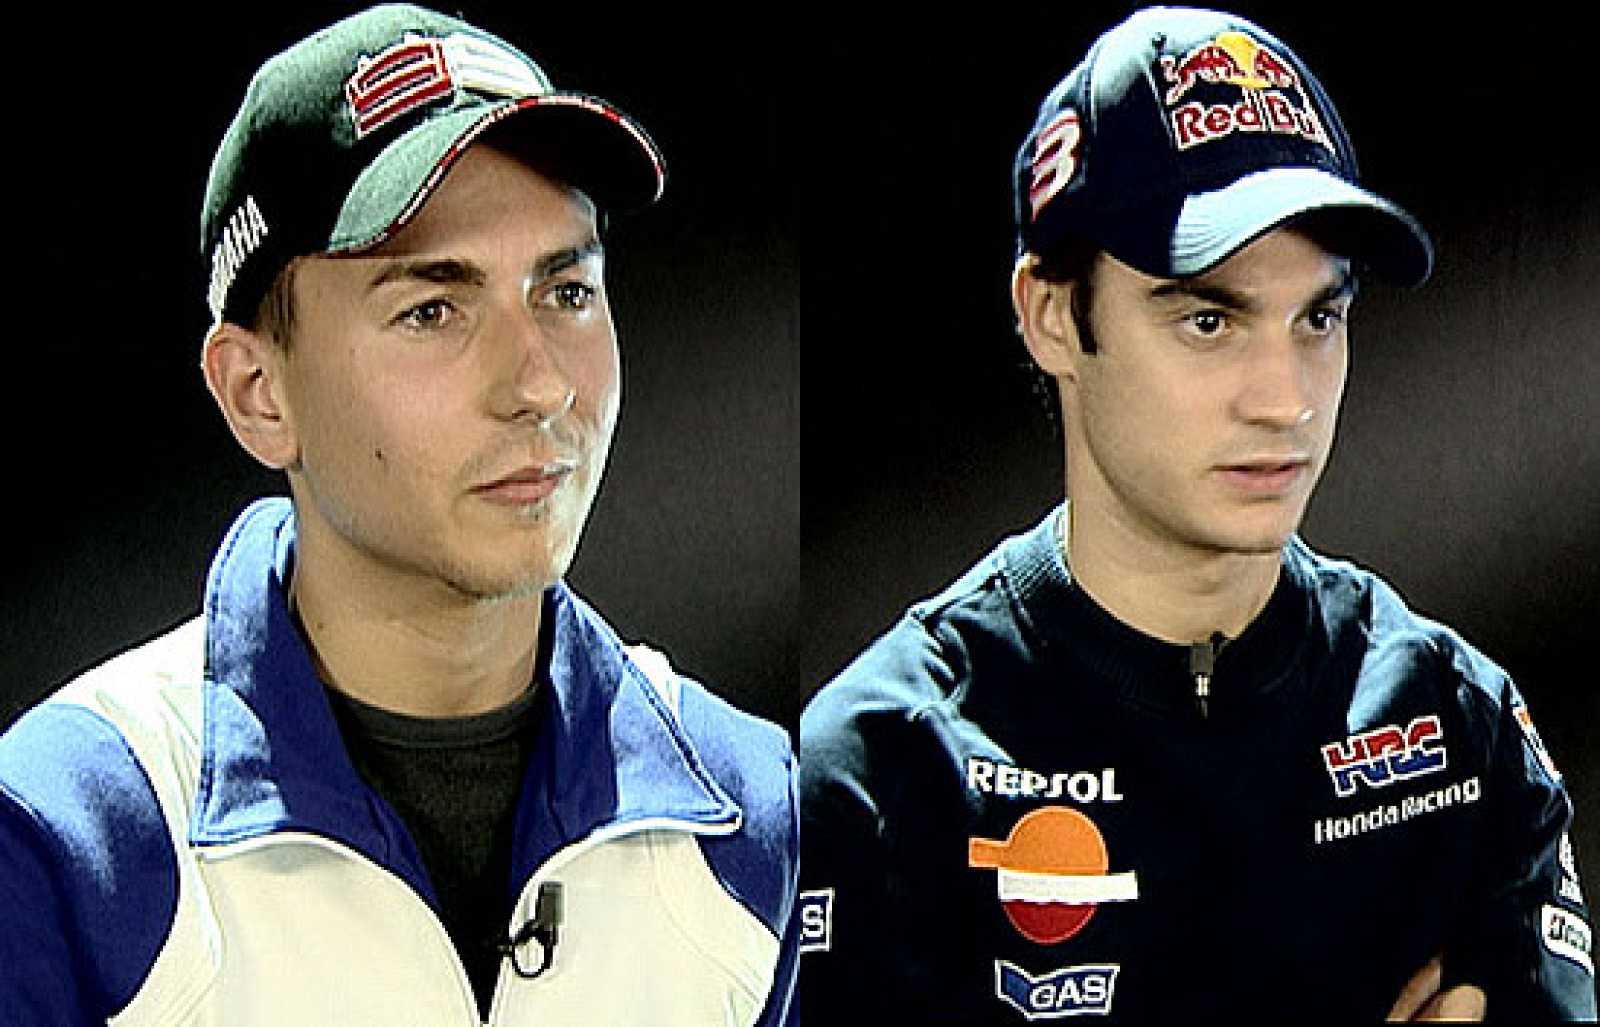 Jorge Lorenzo y Dani Pedrosa han analizado la temporada 2009 en exclusiva para TVE.